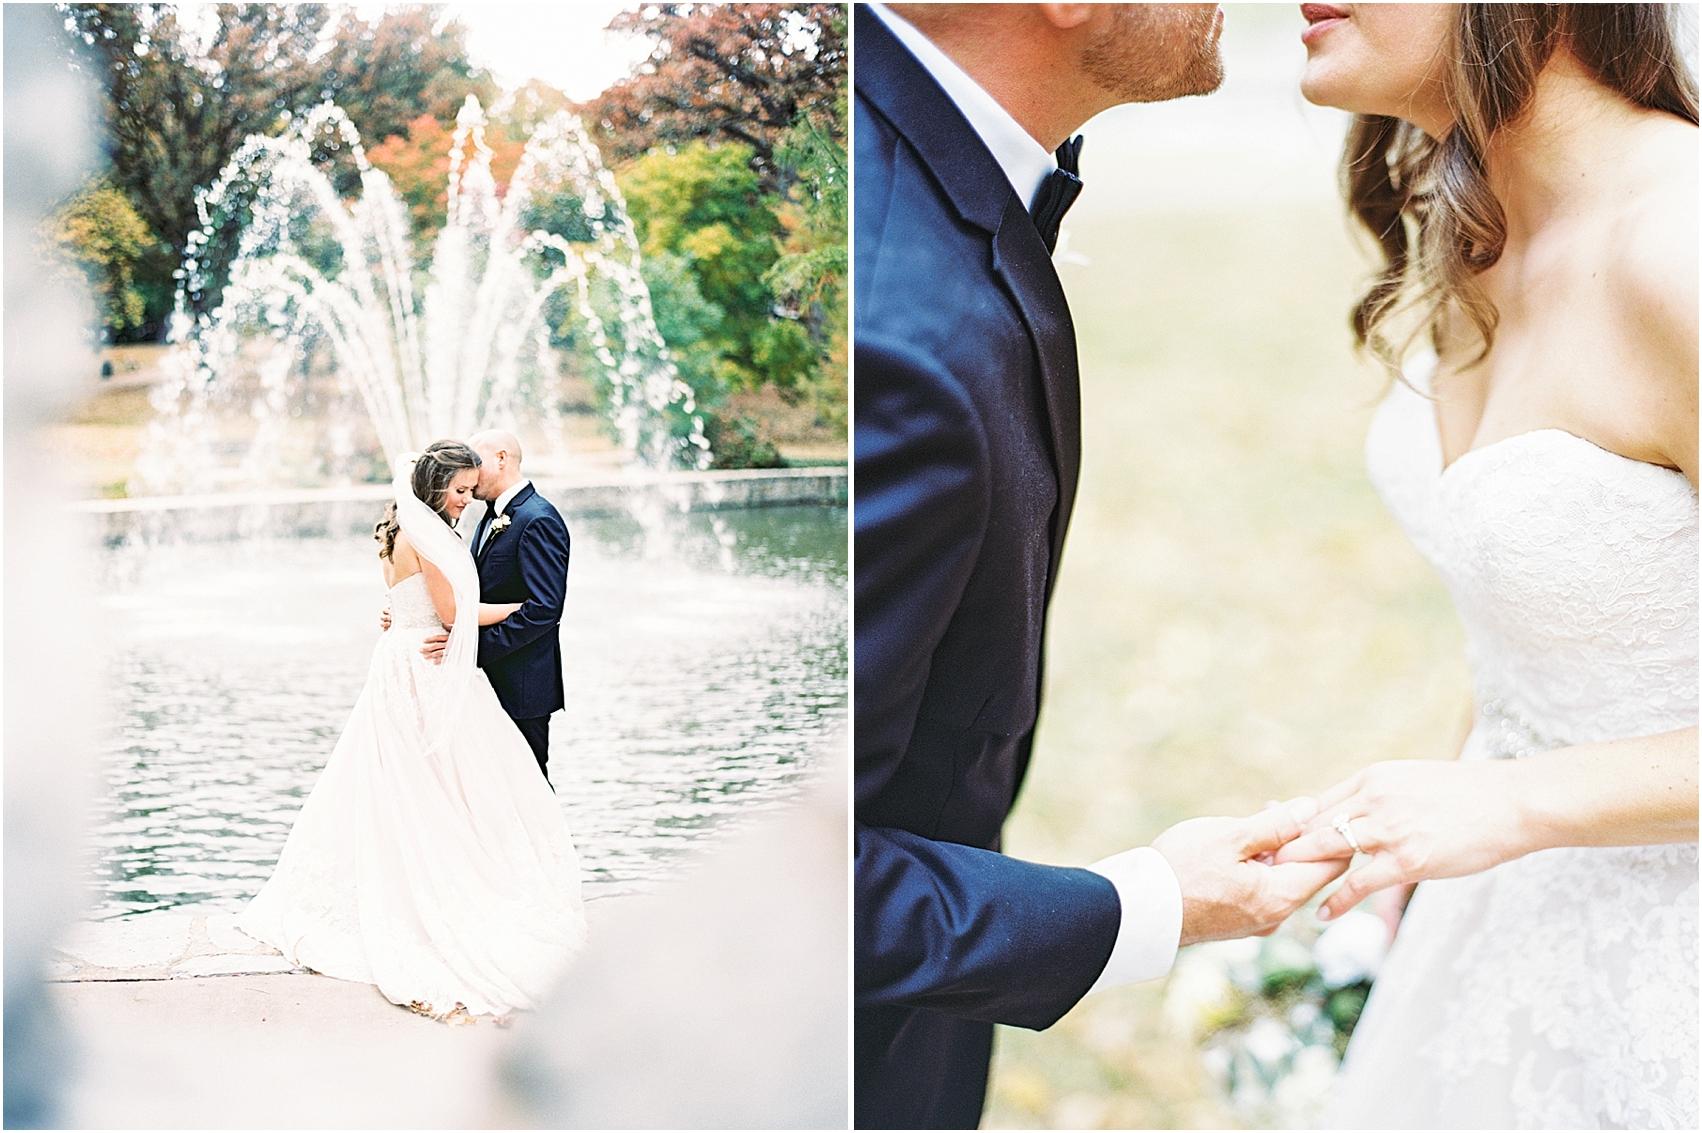 St Louis Art Museum Wedding - Jordan Brittley Photography (www.jordanbrittley.com)